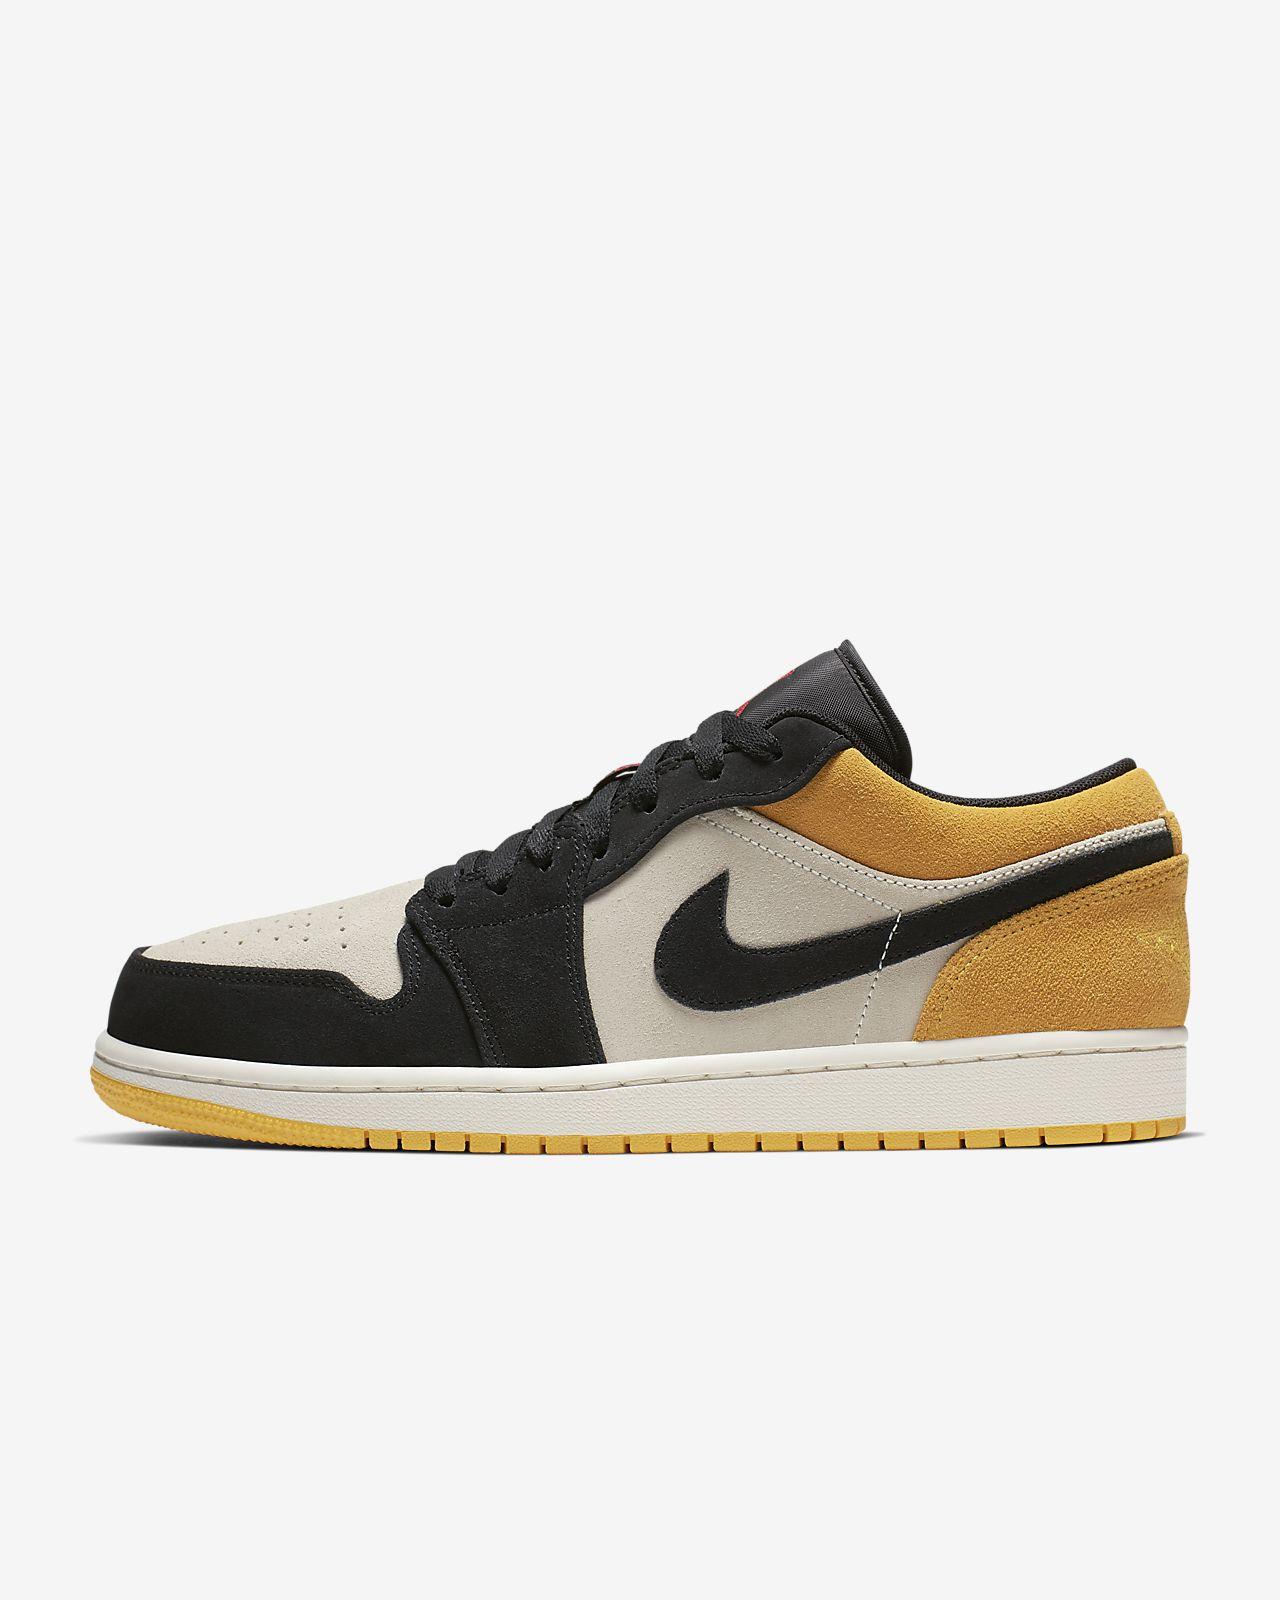 online store 5deb2 075a0 ... Chaussure Air Jordan 1 Low pour Homme